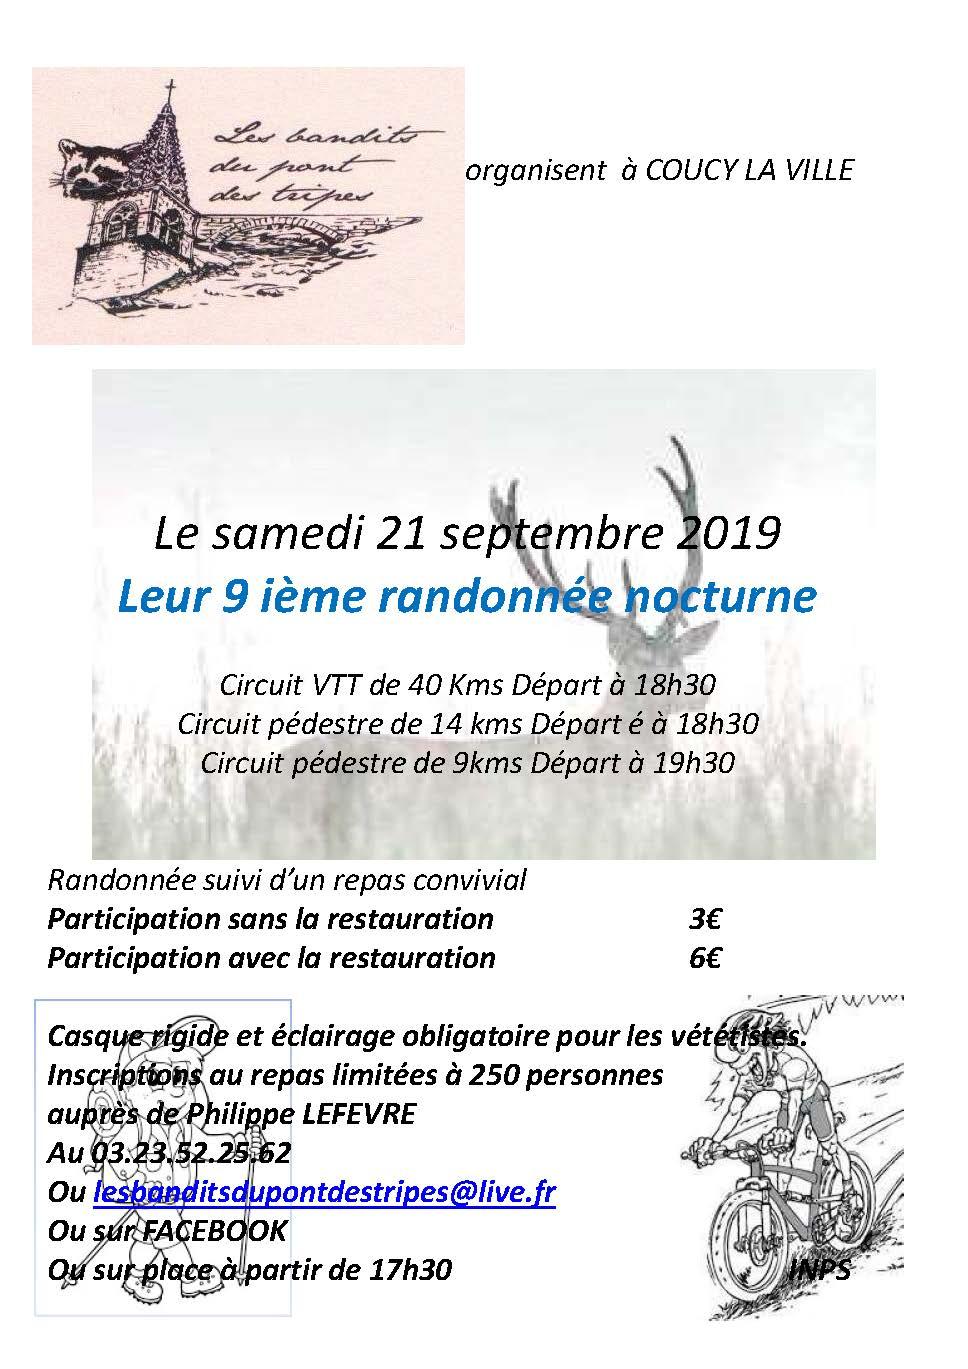 Nocturne Coucy La Ville - Samedi 21 Septembre Affich10